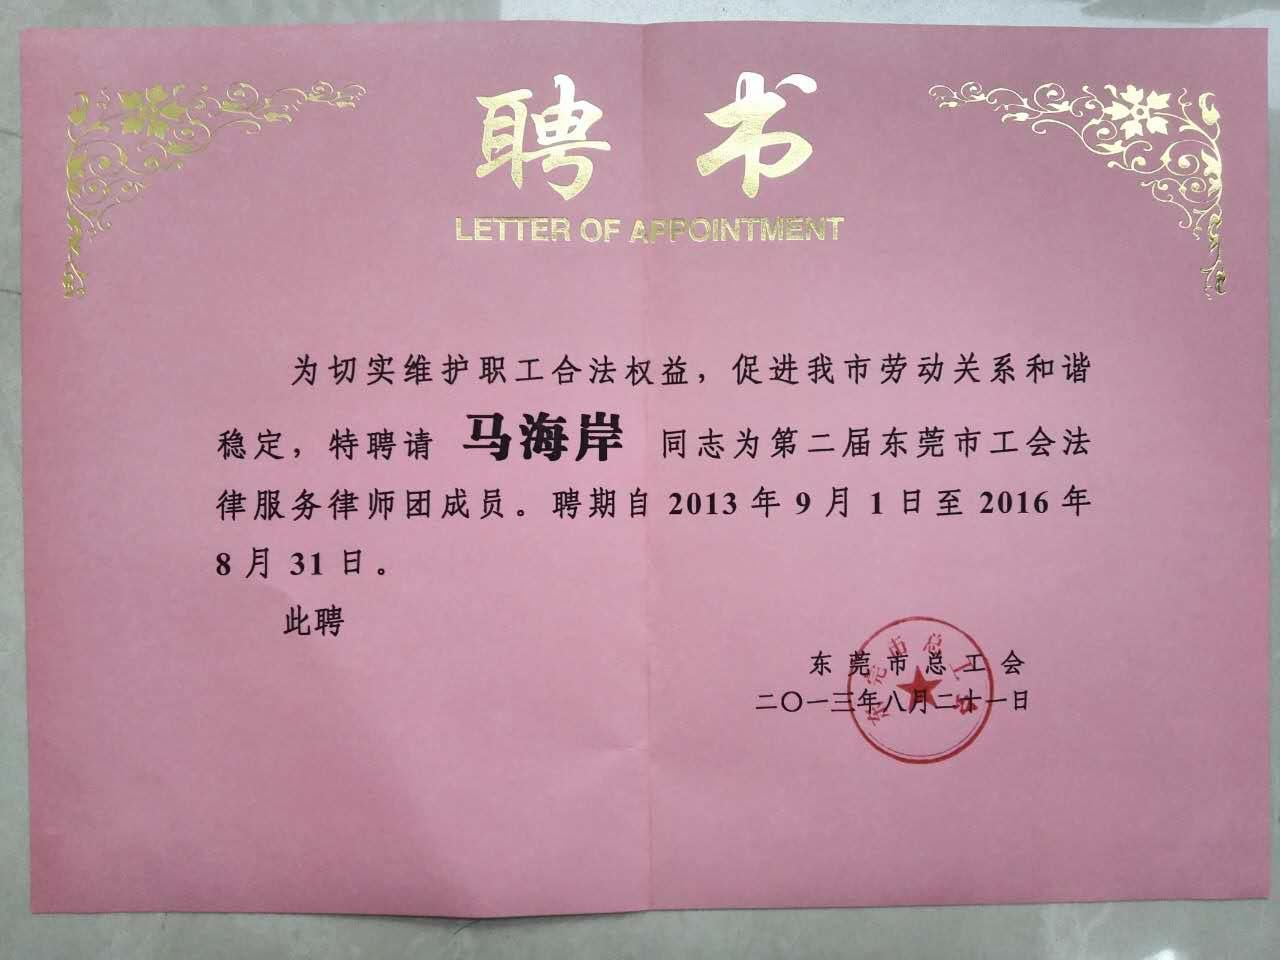 第二届东莞市工会法律服务律师团成员